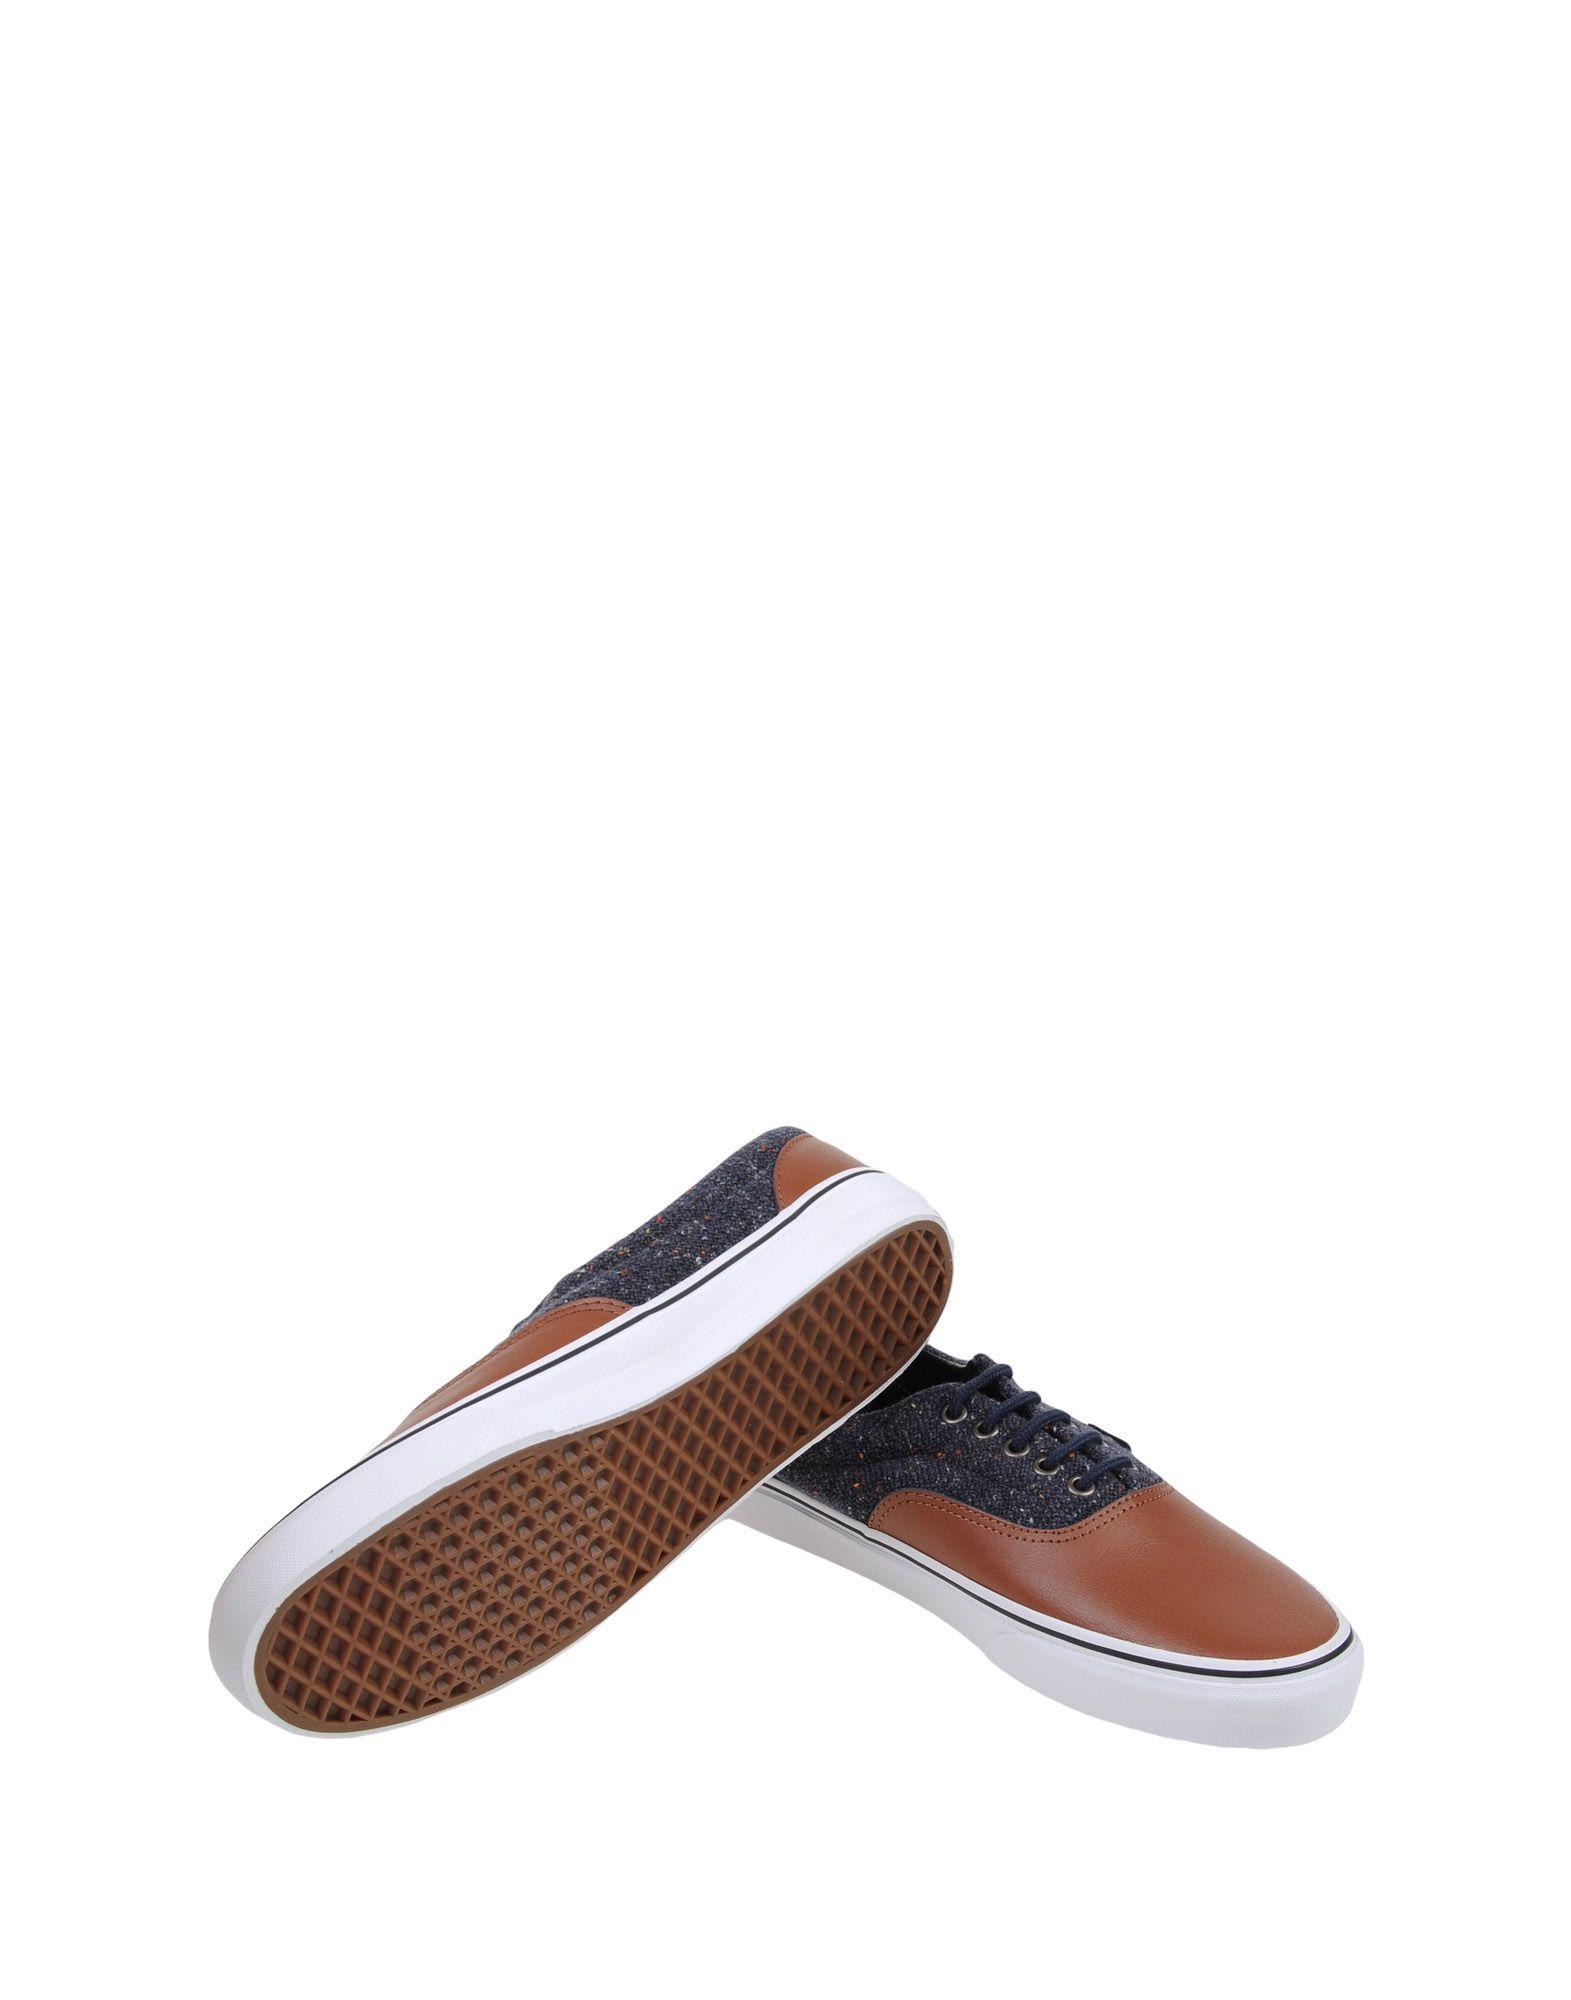 Sneakers Vans Era - Homme - Sneakers Vans sur